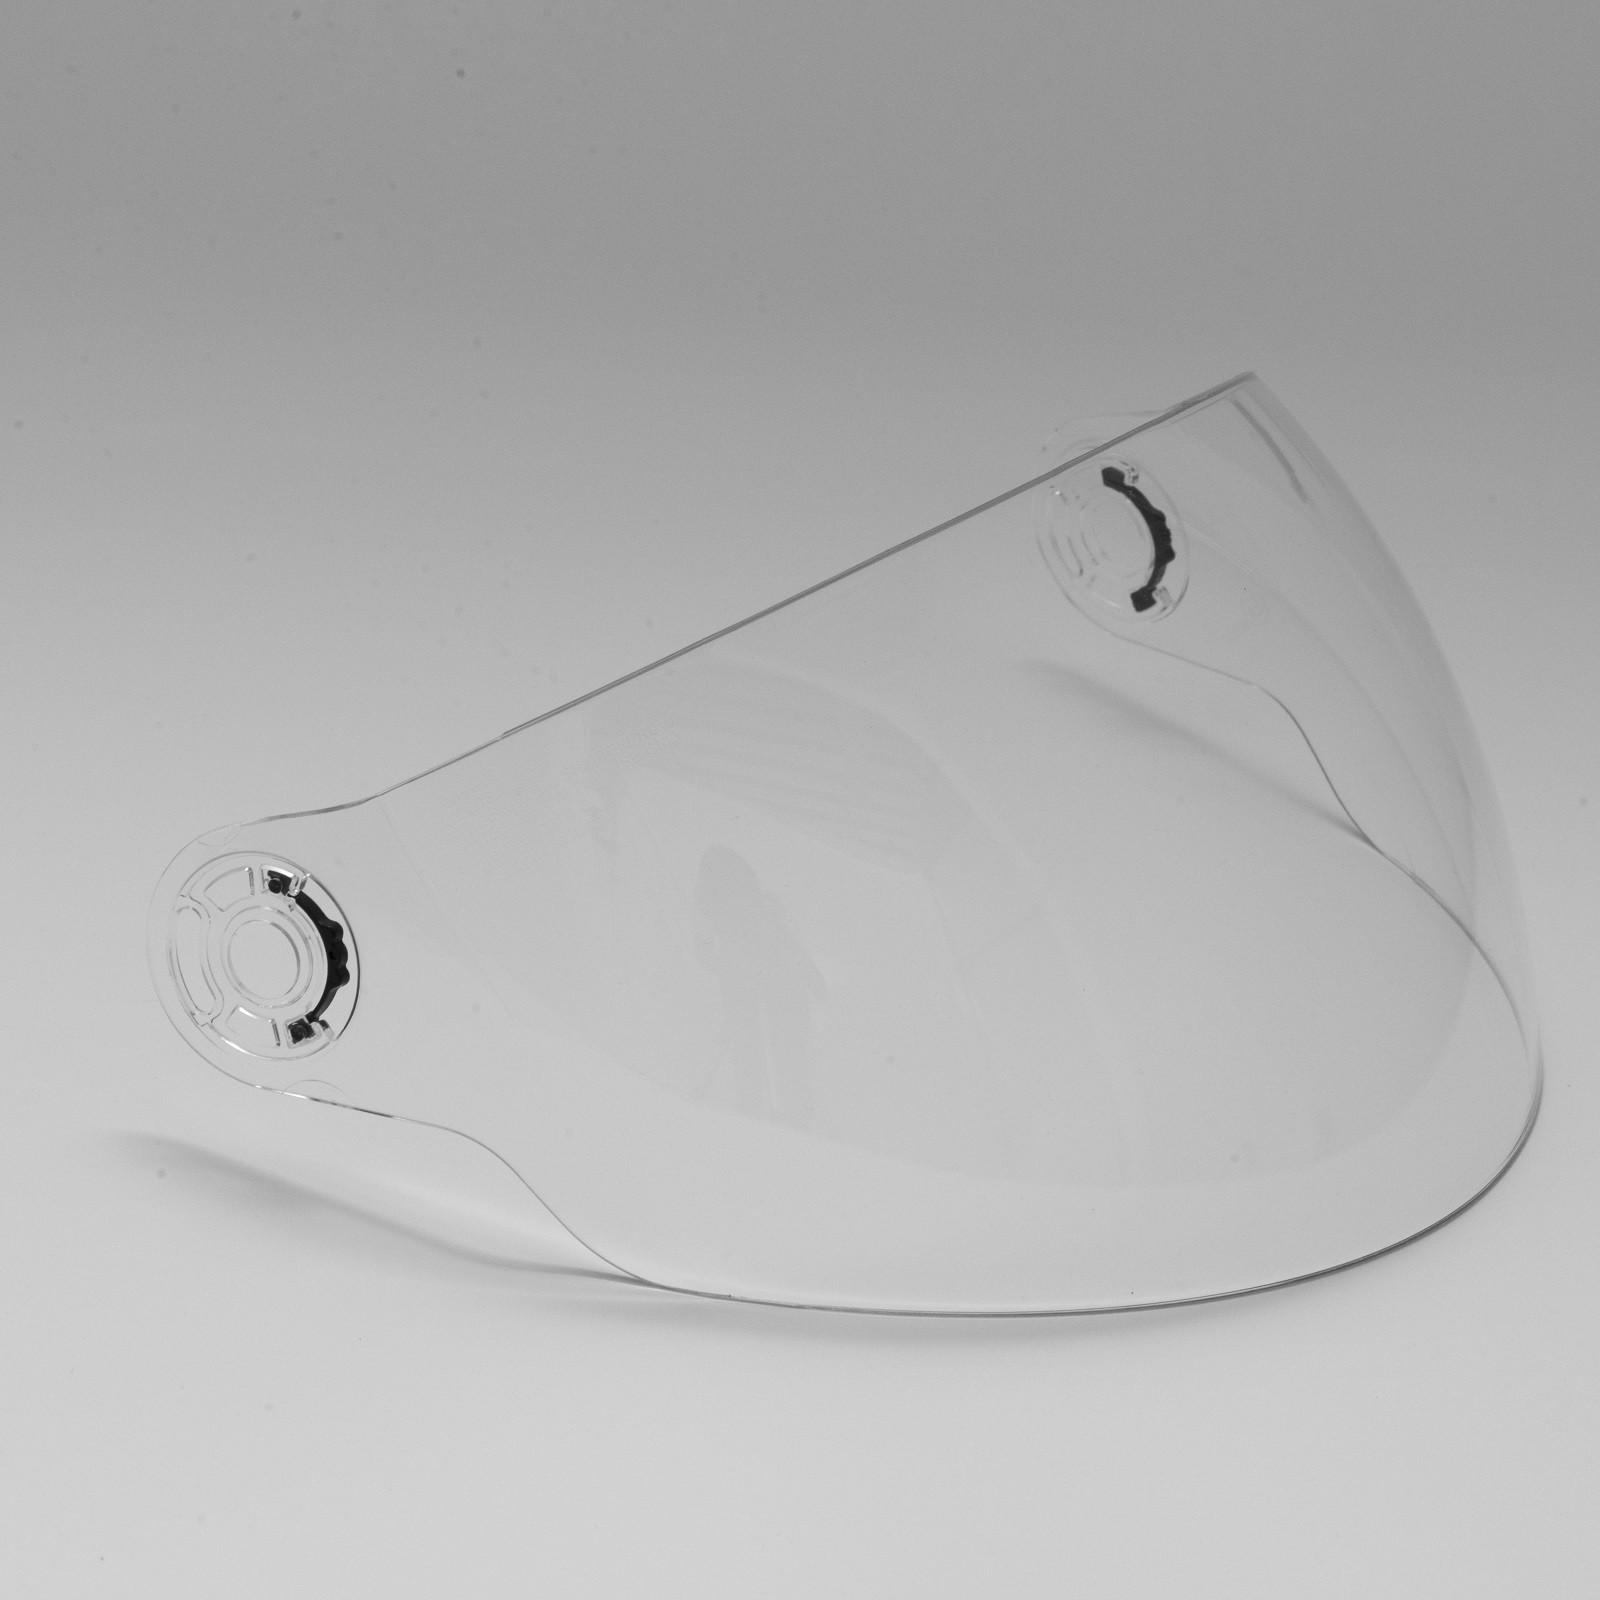 OF-518_Clear-Visor_Openface_Helmet_Visiera_Trasparente_casco_jet